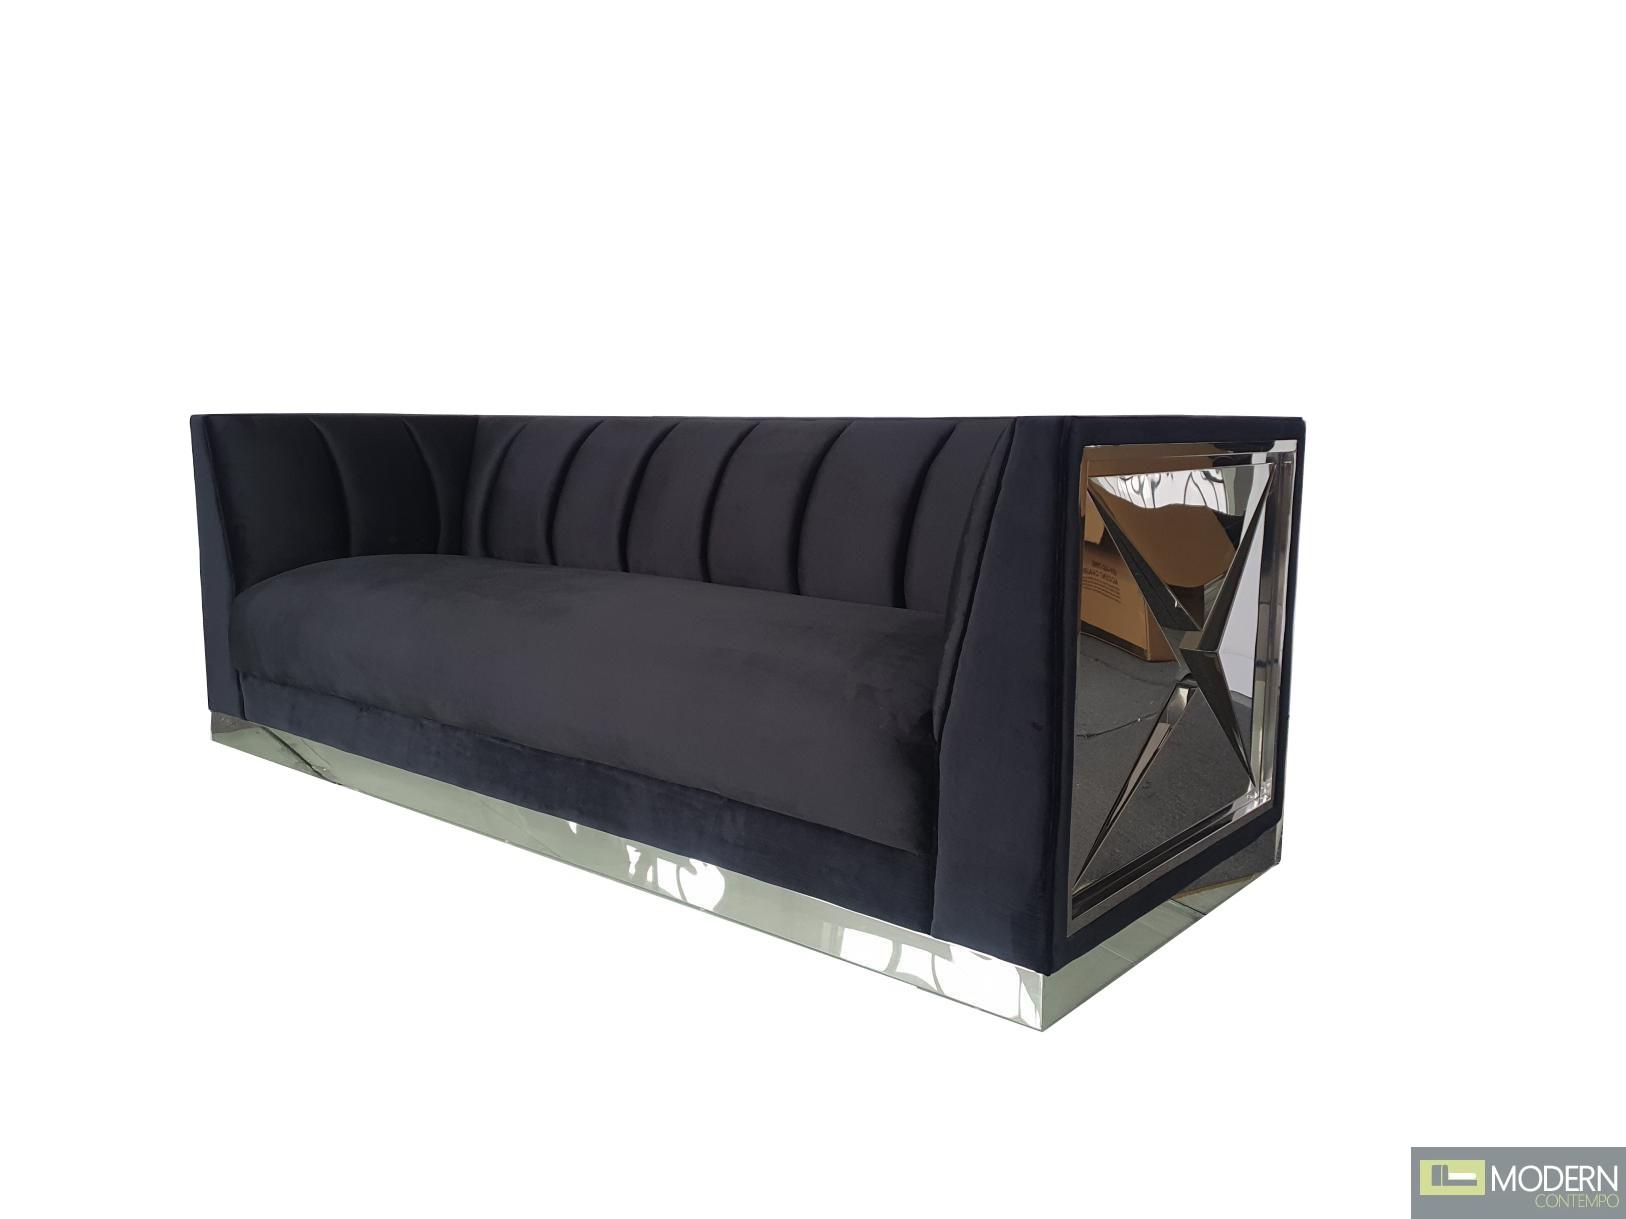 Duchess High Performance Luxury Black Velvet Sofa